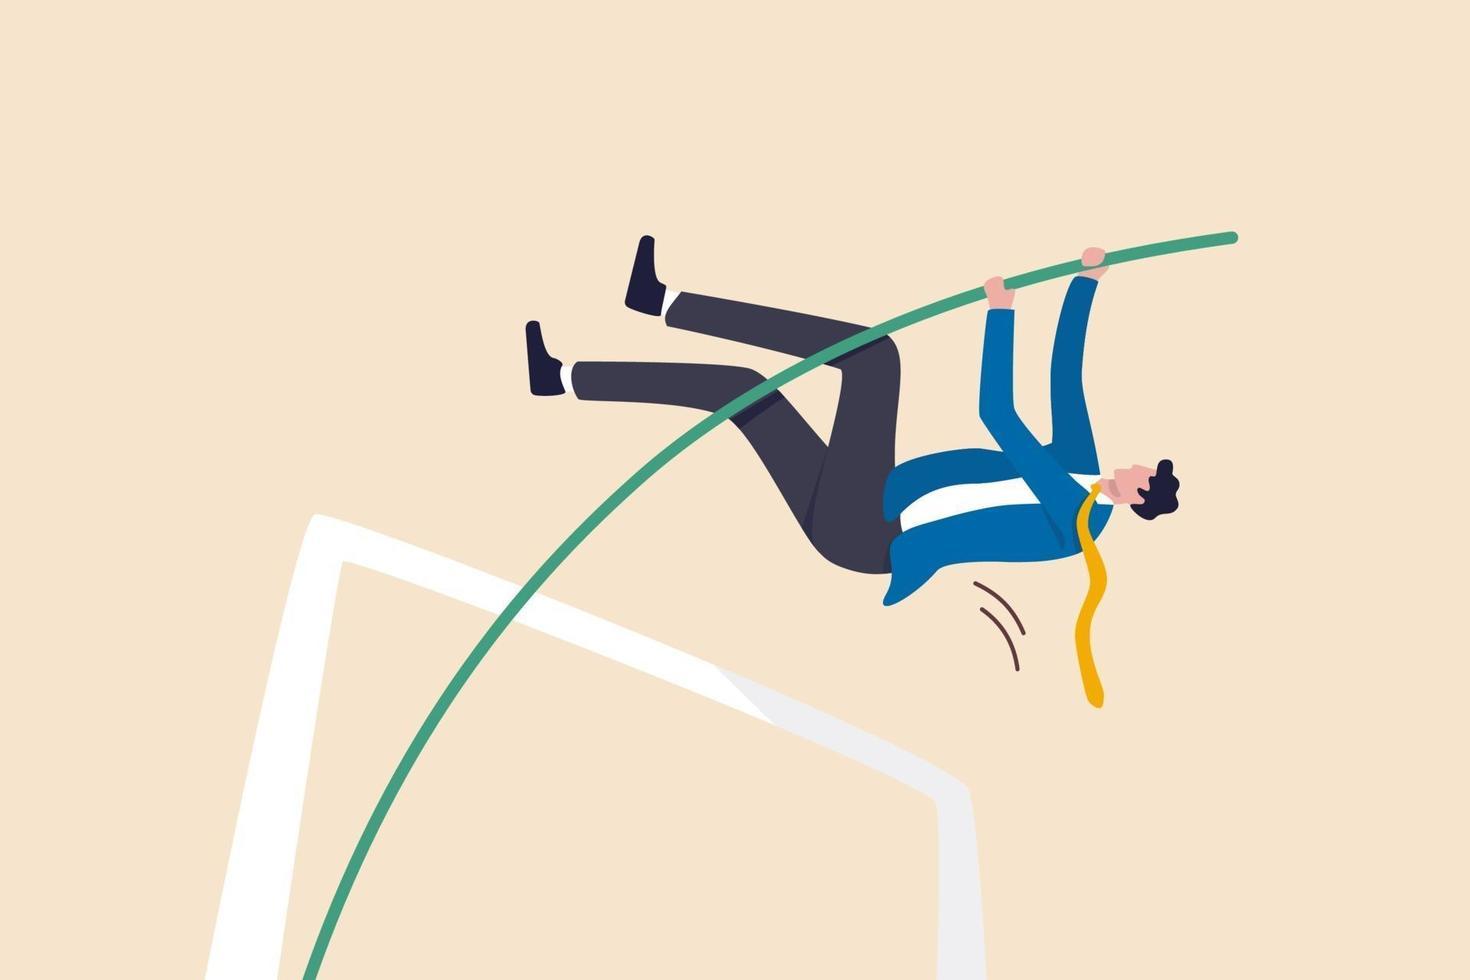 réalisation des objectifs commerciaux, résolution des problèmes commerciaux avec succès ou succès survivre sur le concept de crise financière, chef d'homme d'affaires confiant réussi sautant à la perche. vecteur